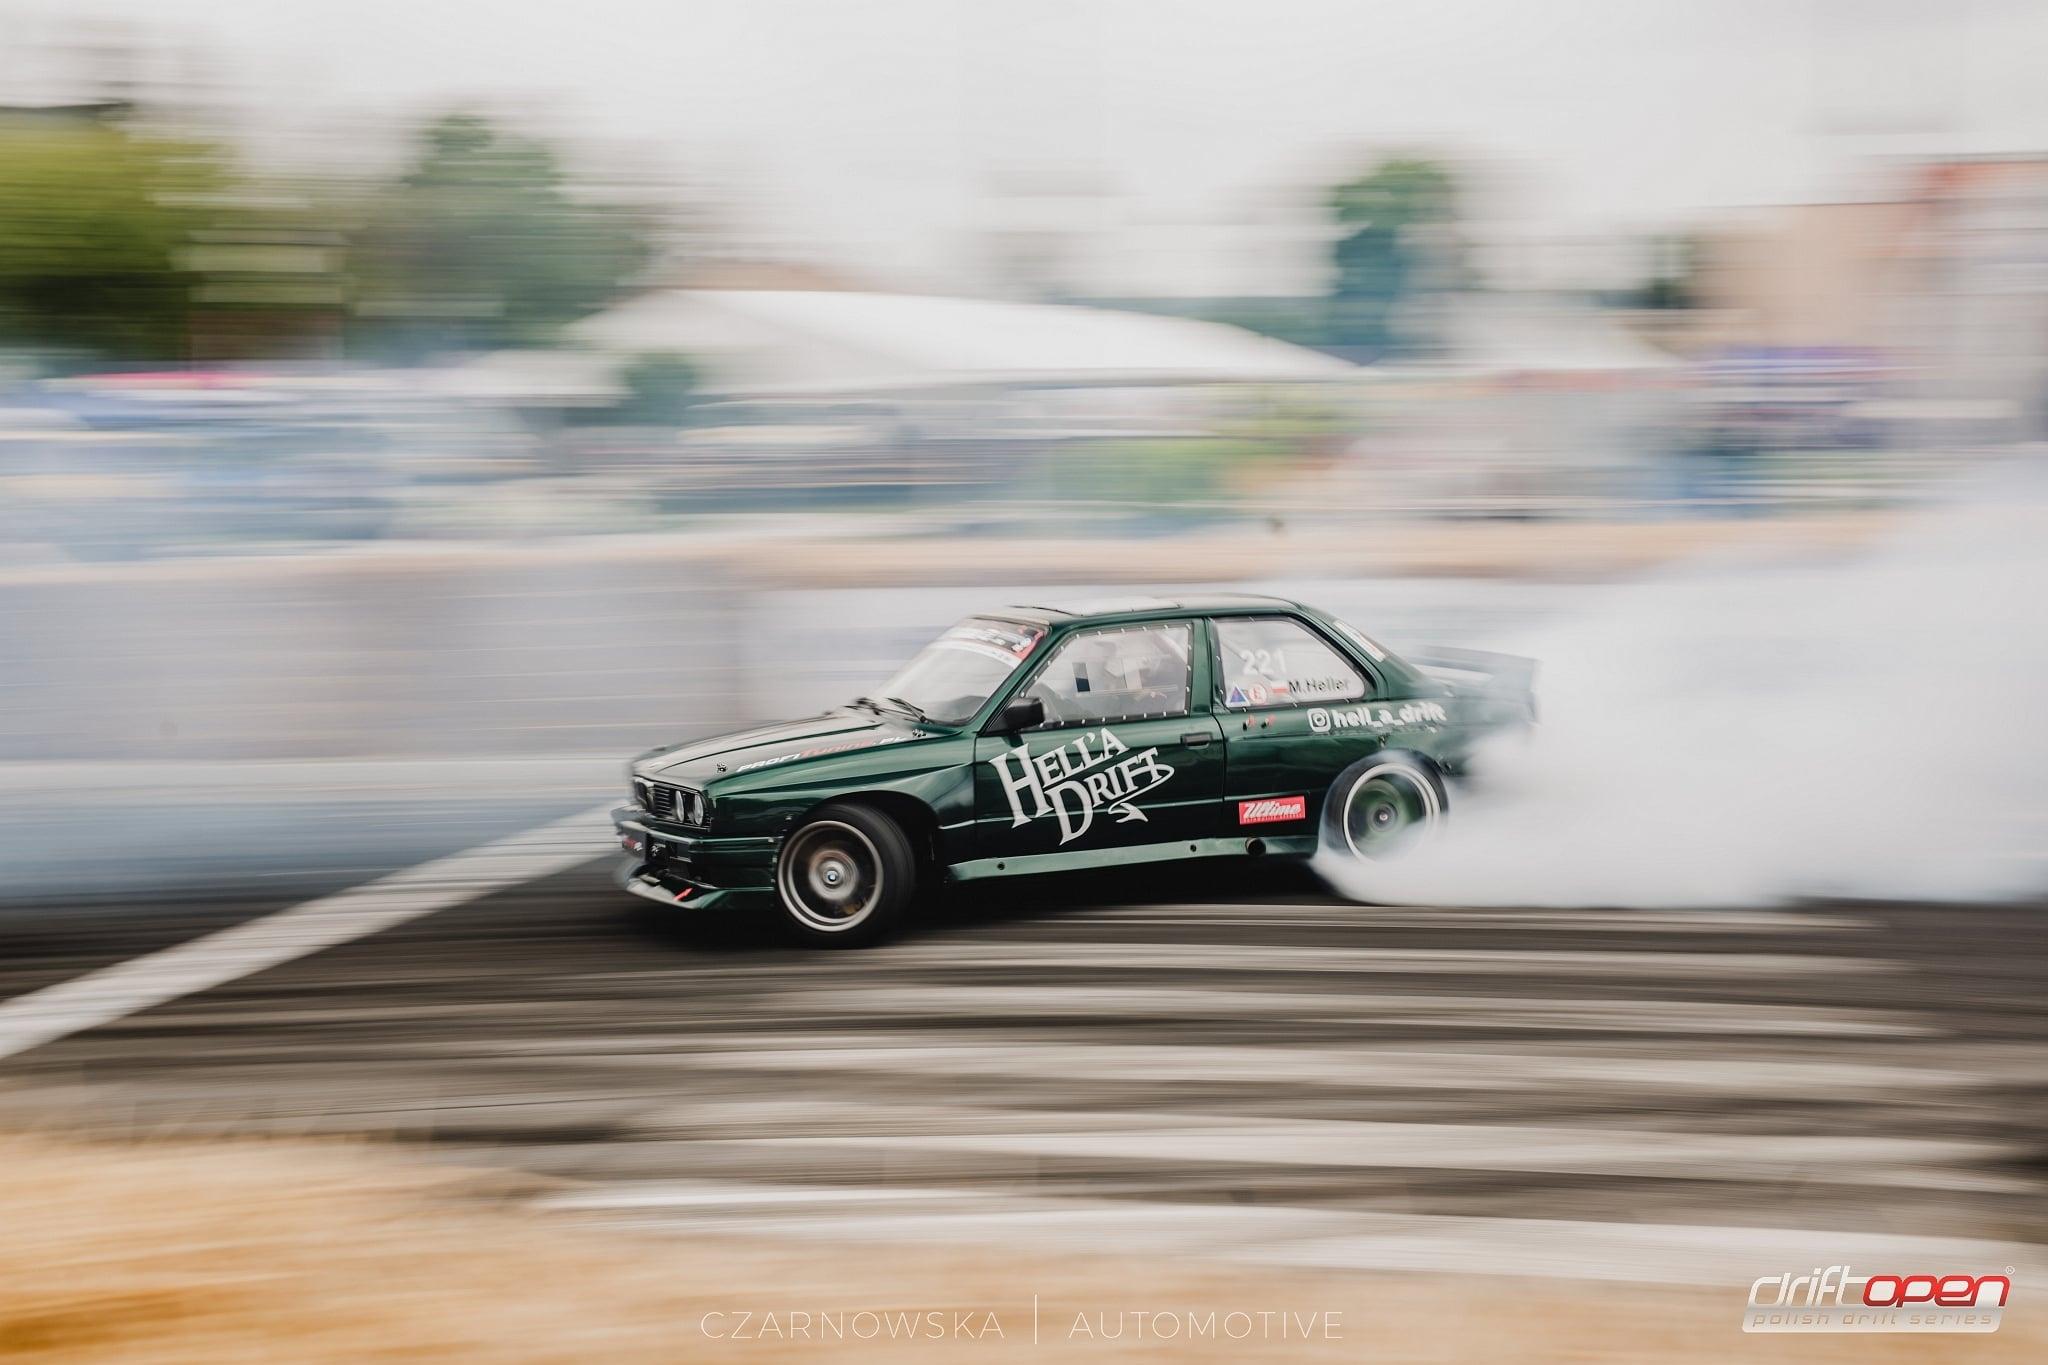 Czarnowska Automotive na 55 Rundzie Drift Open w Kietrzu. Był dym i nie lada emocje zamknięte w kadrach!